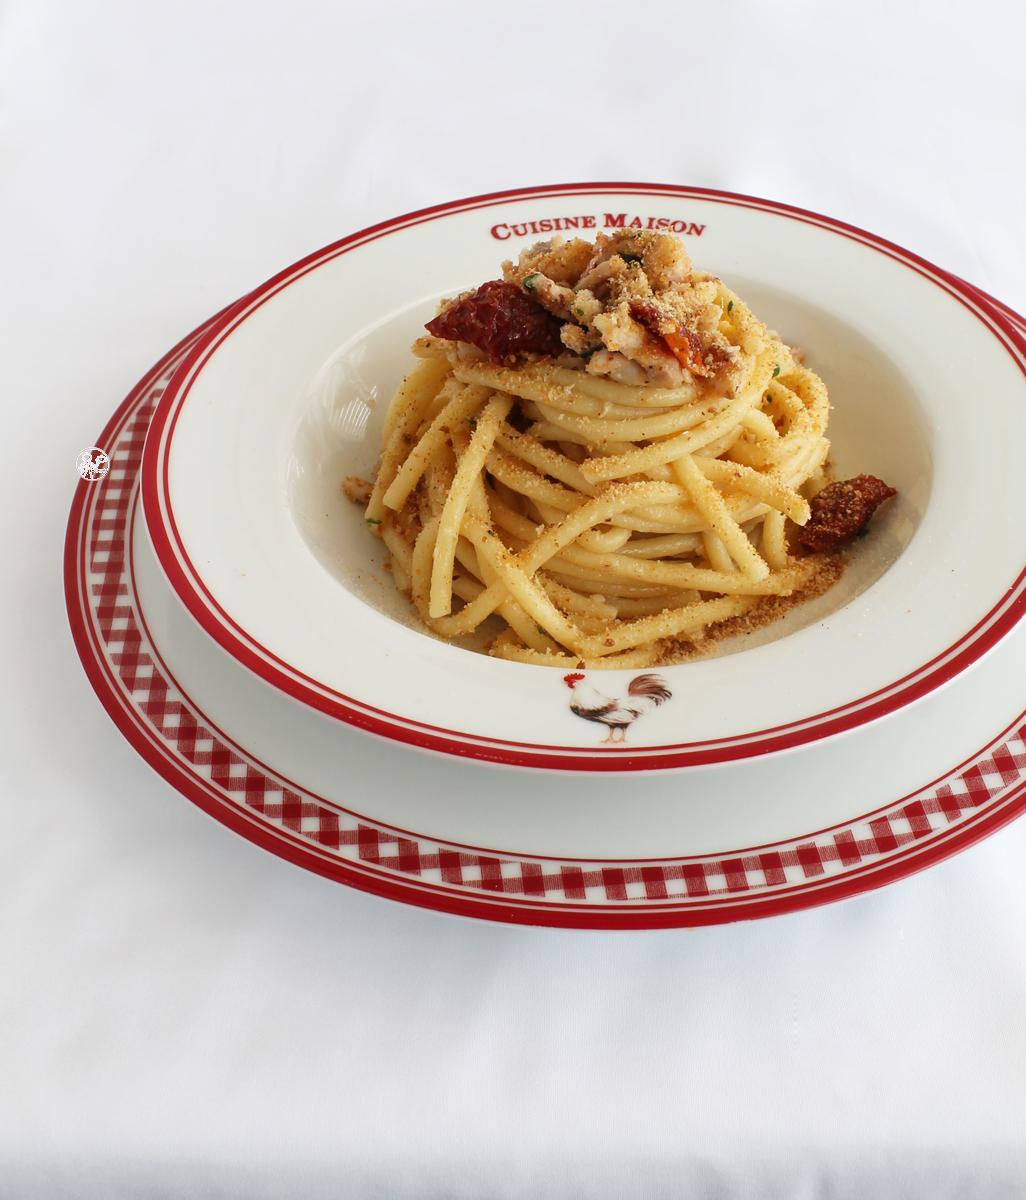 Bucatini, triglie e pomodori secchi senza glutine - La Cassata Celiaca